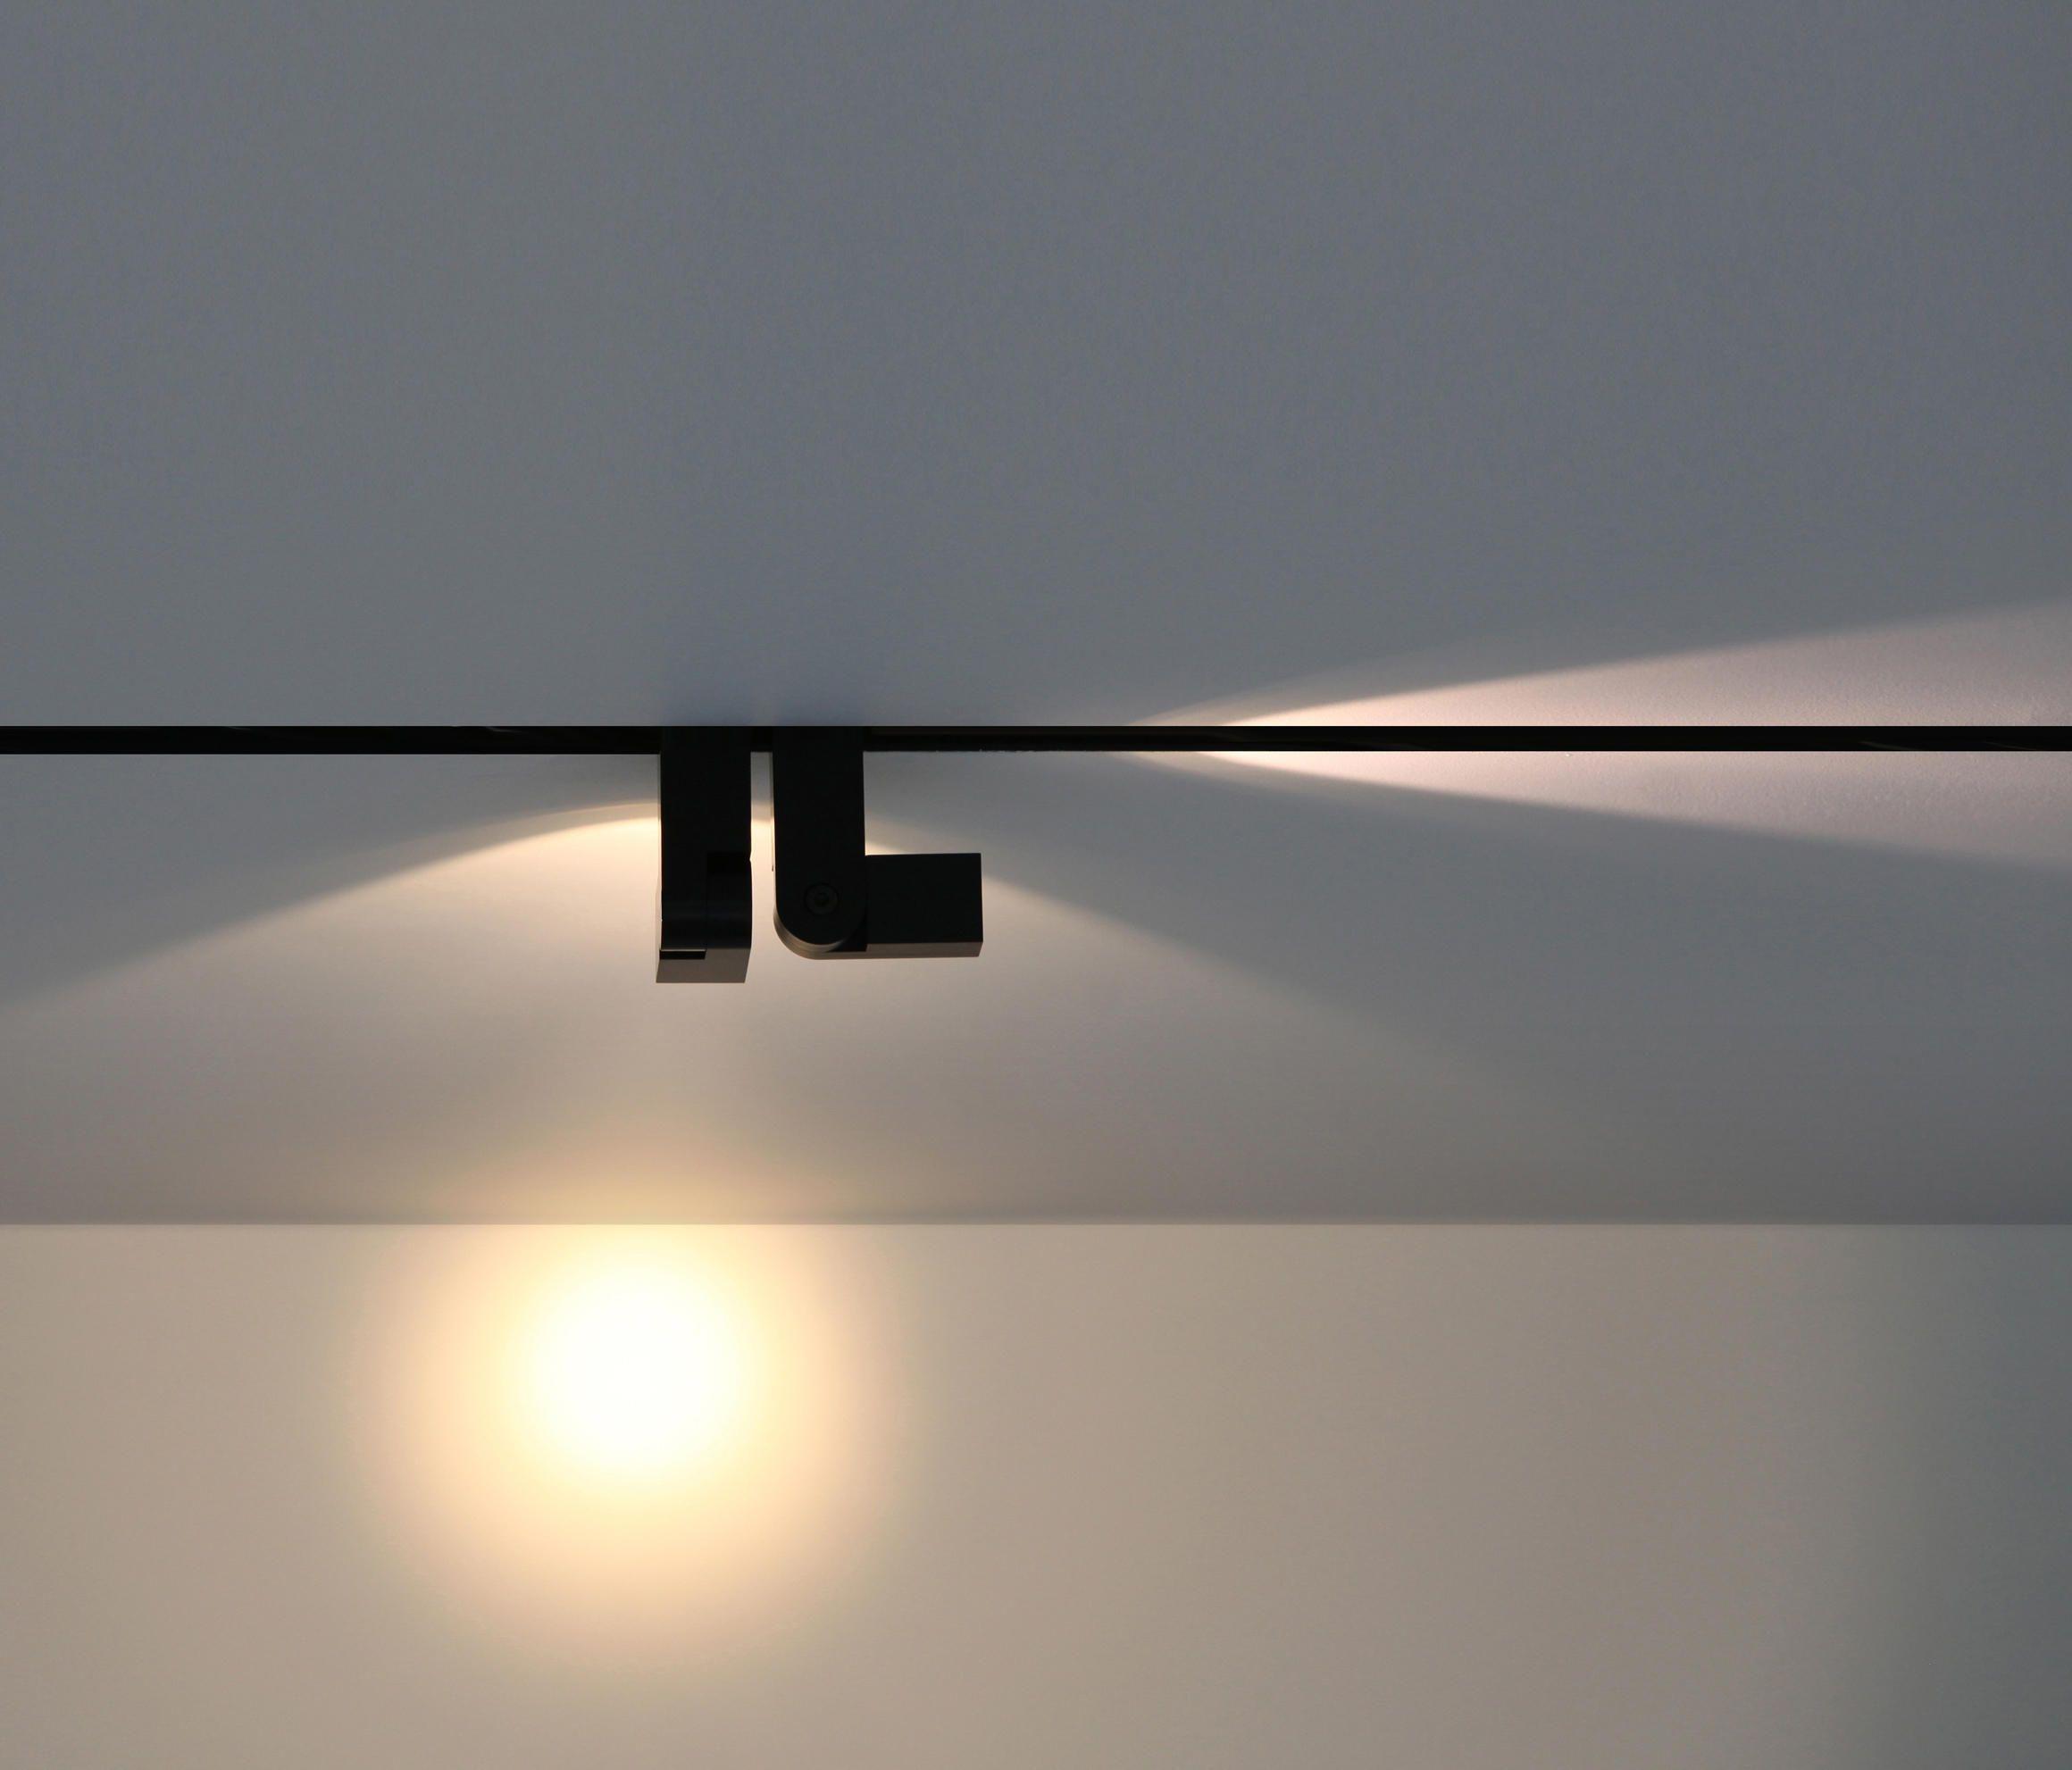 On Line Dot By Eden Design Low Voltage Track Lighting